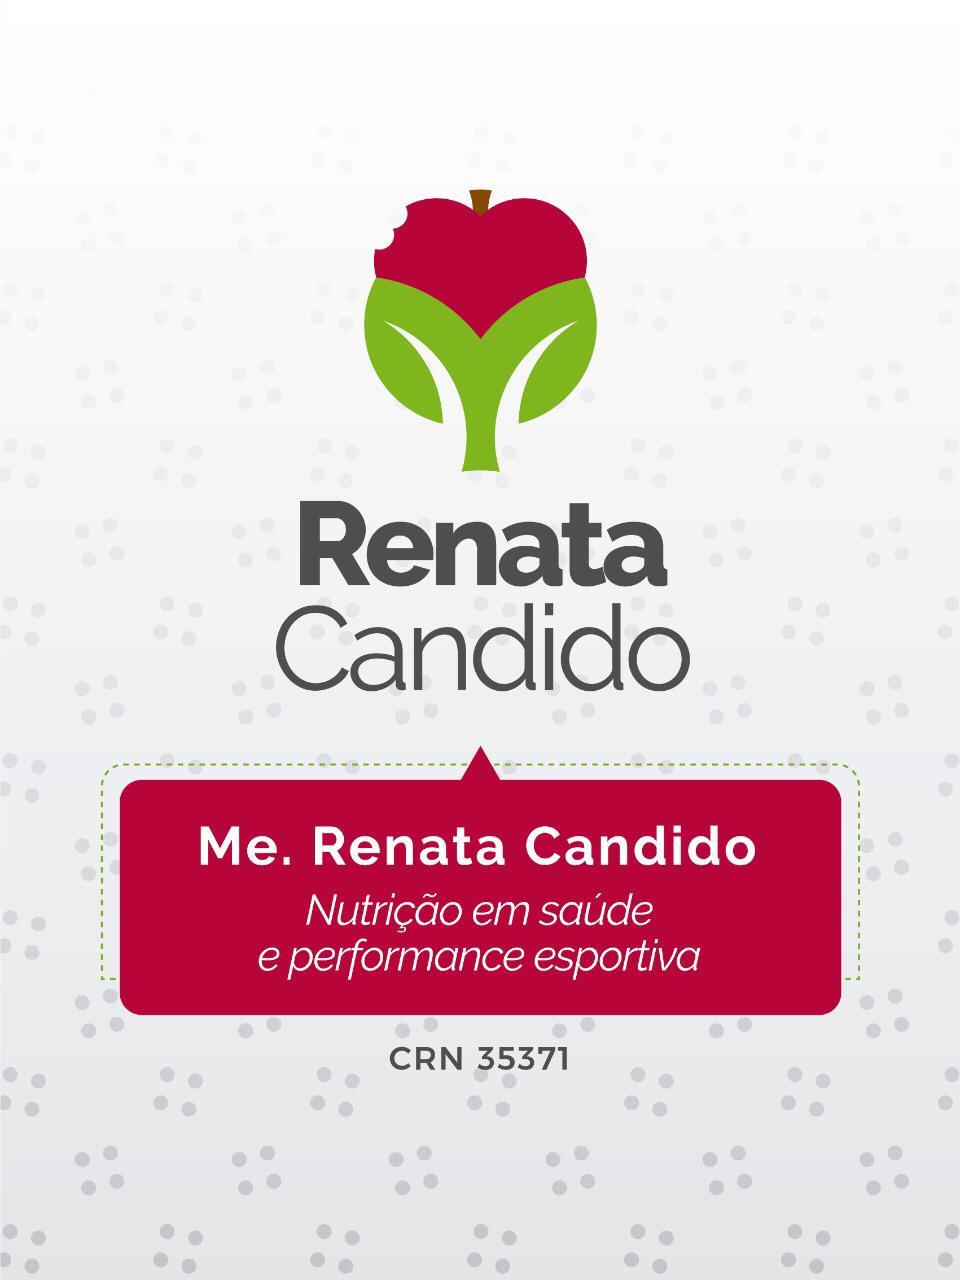 Renata Cândido